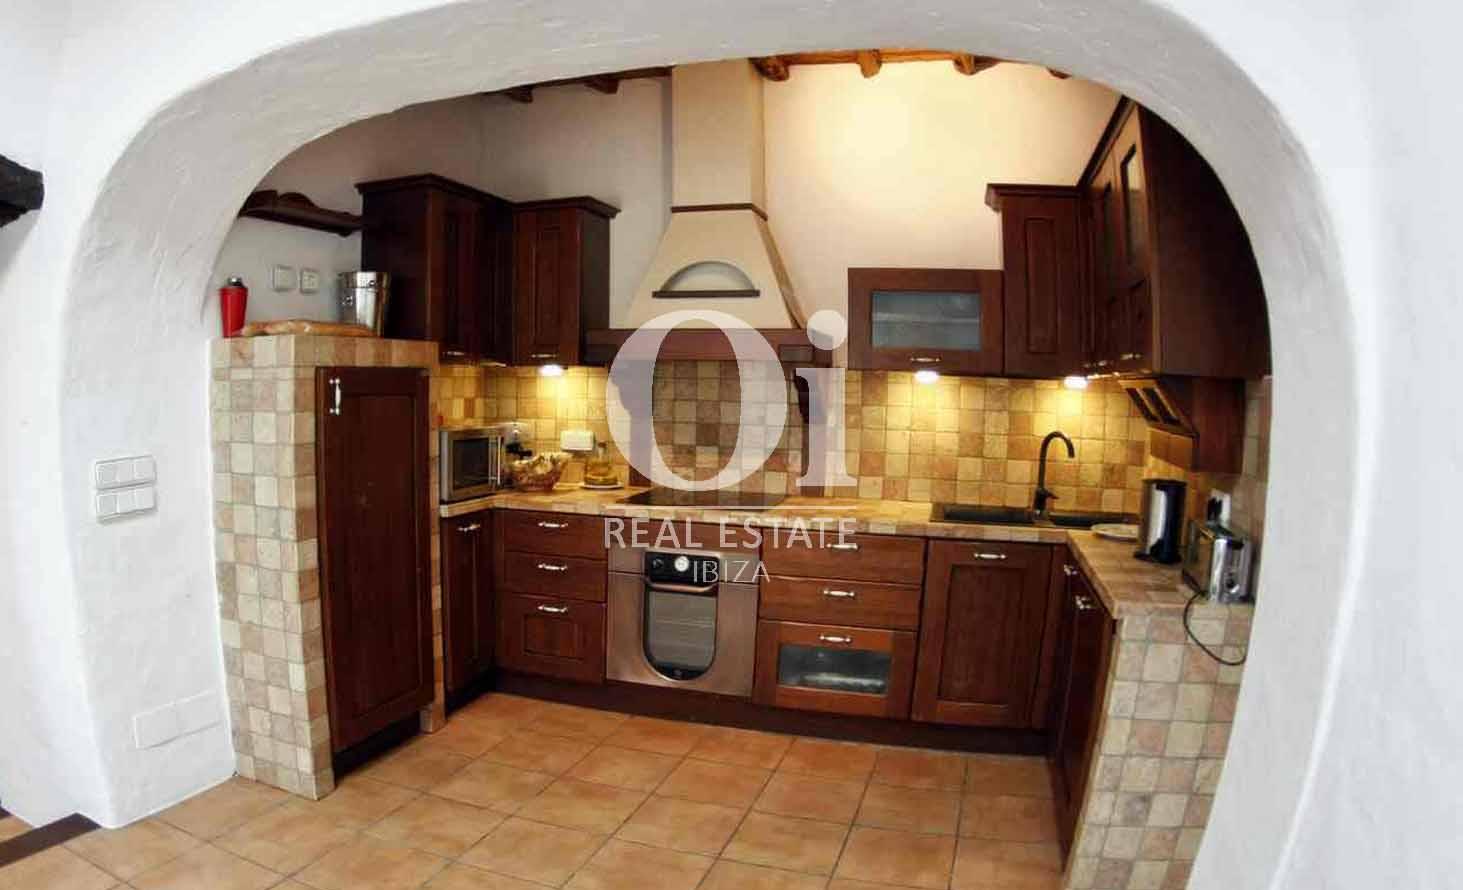 Blick in die Küche vom Bauernhaus zur Miete auf Ibiza